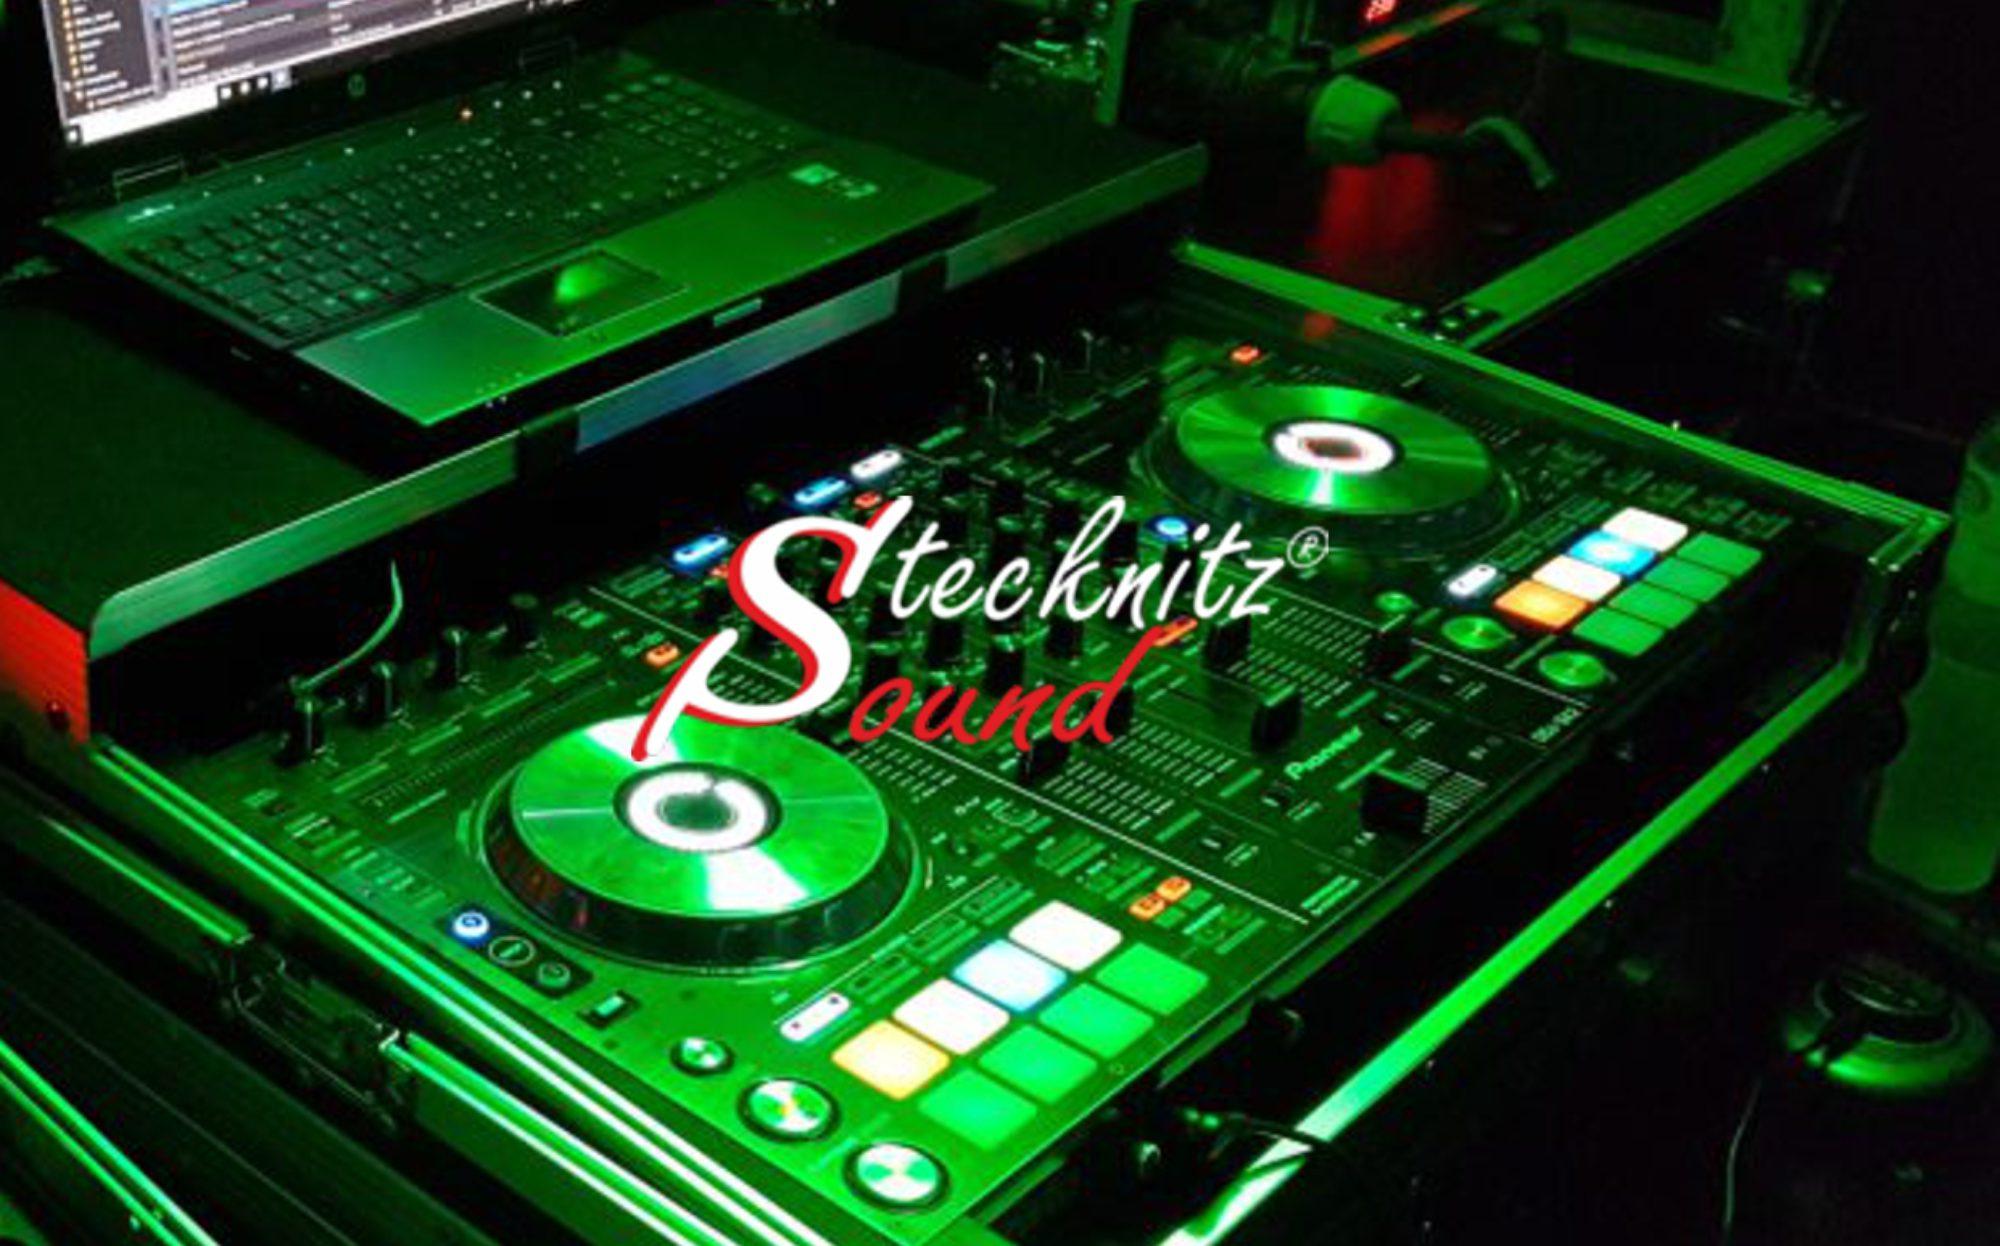 Stecknitz Sound